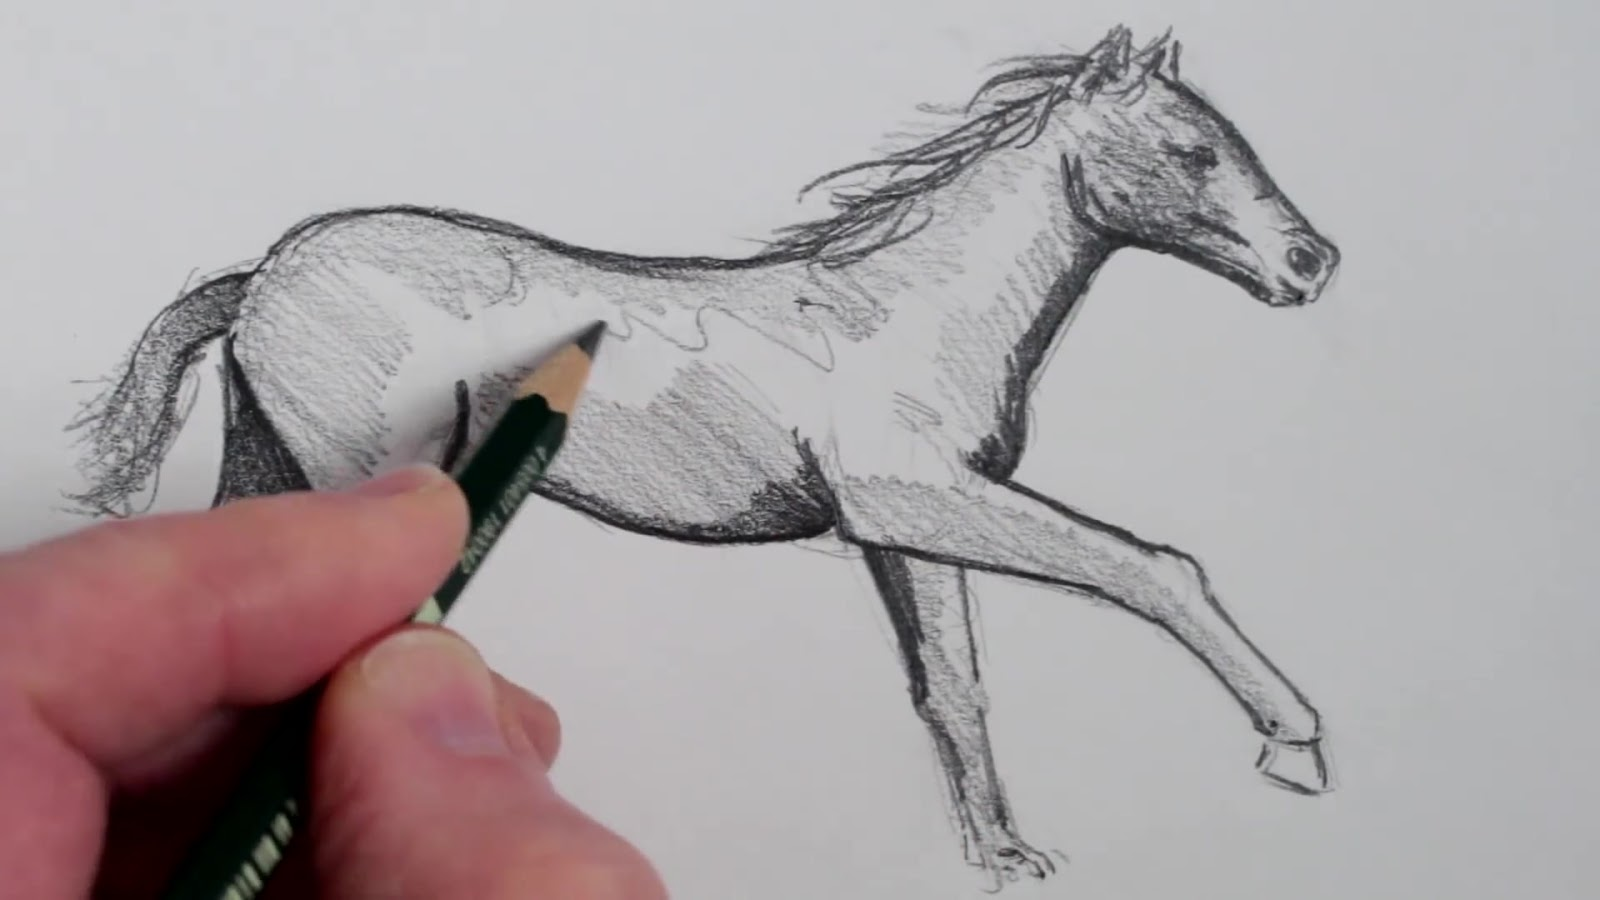 الرسم بالرصاص رسم حصان بالرصاص